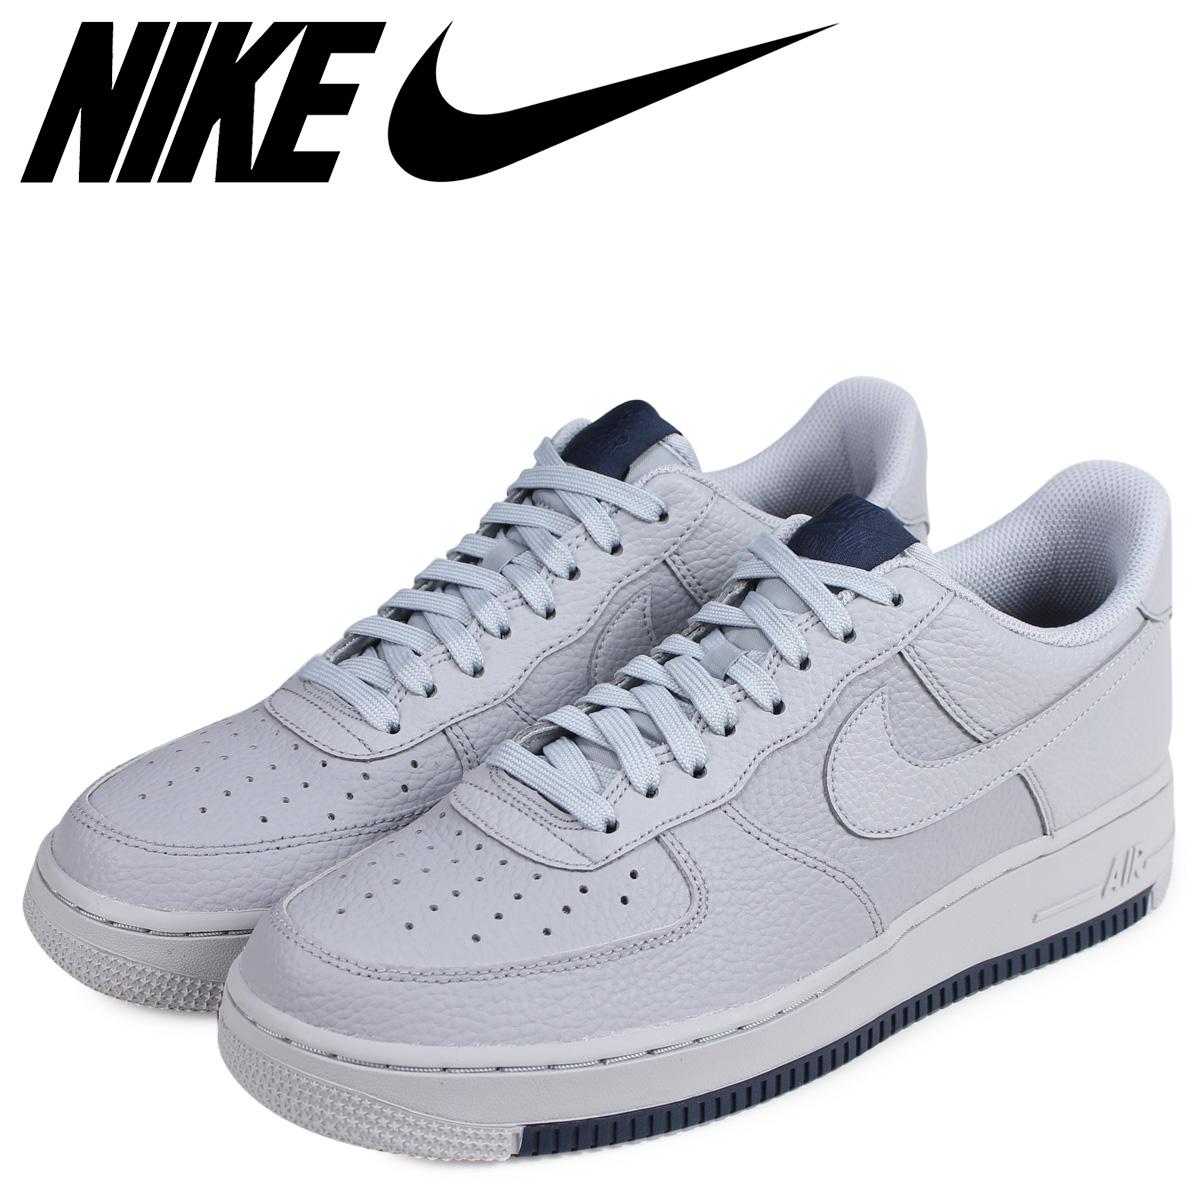 NIKE Nike air force 1 sneakers men AIR FORCE 1 07 1 gray AO2409 002